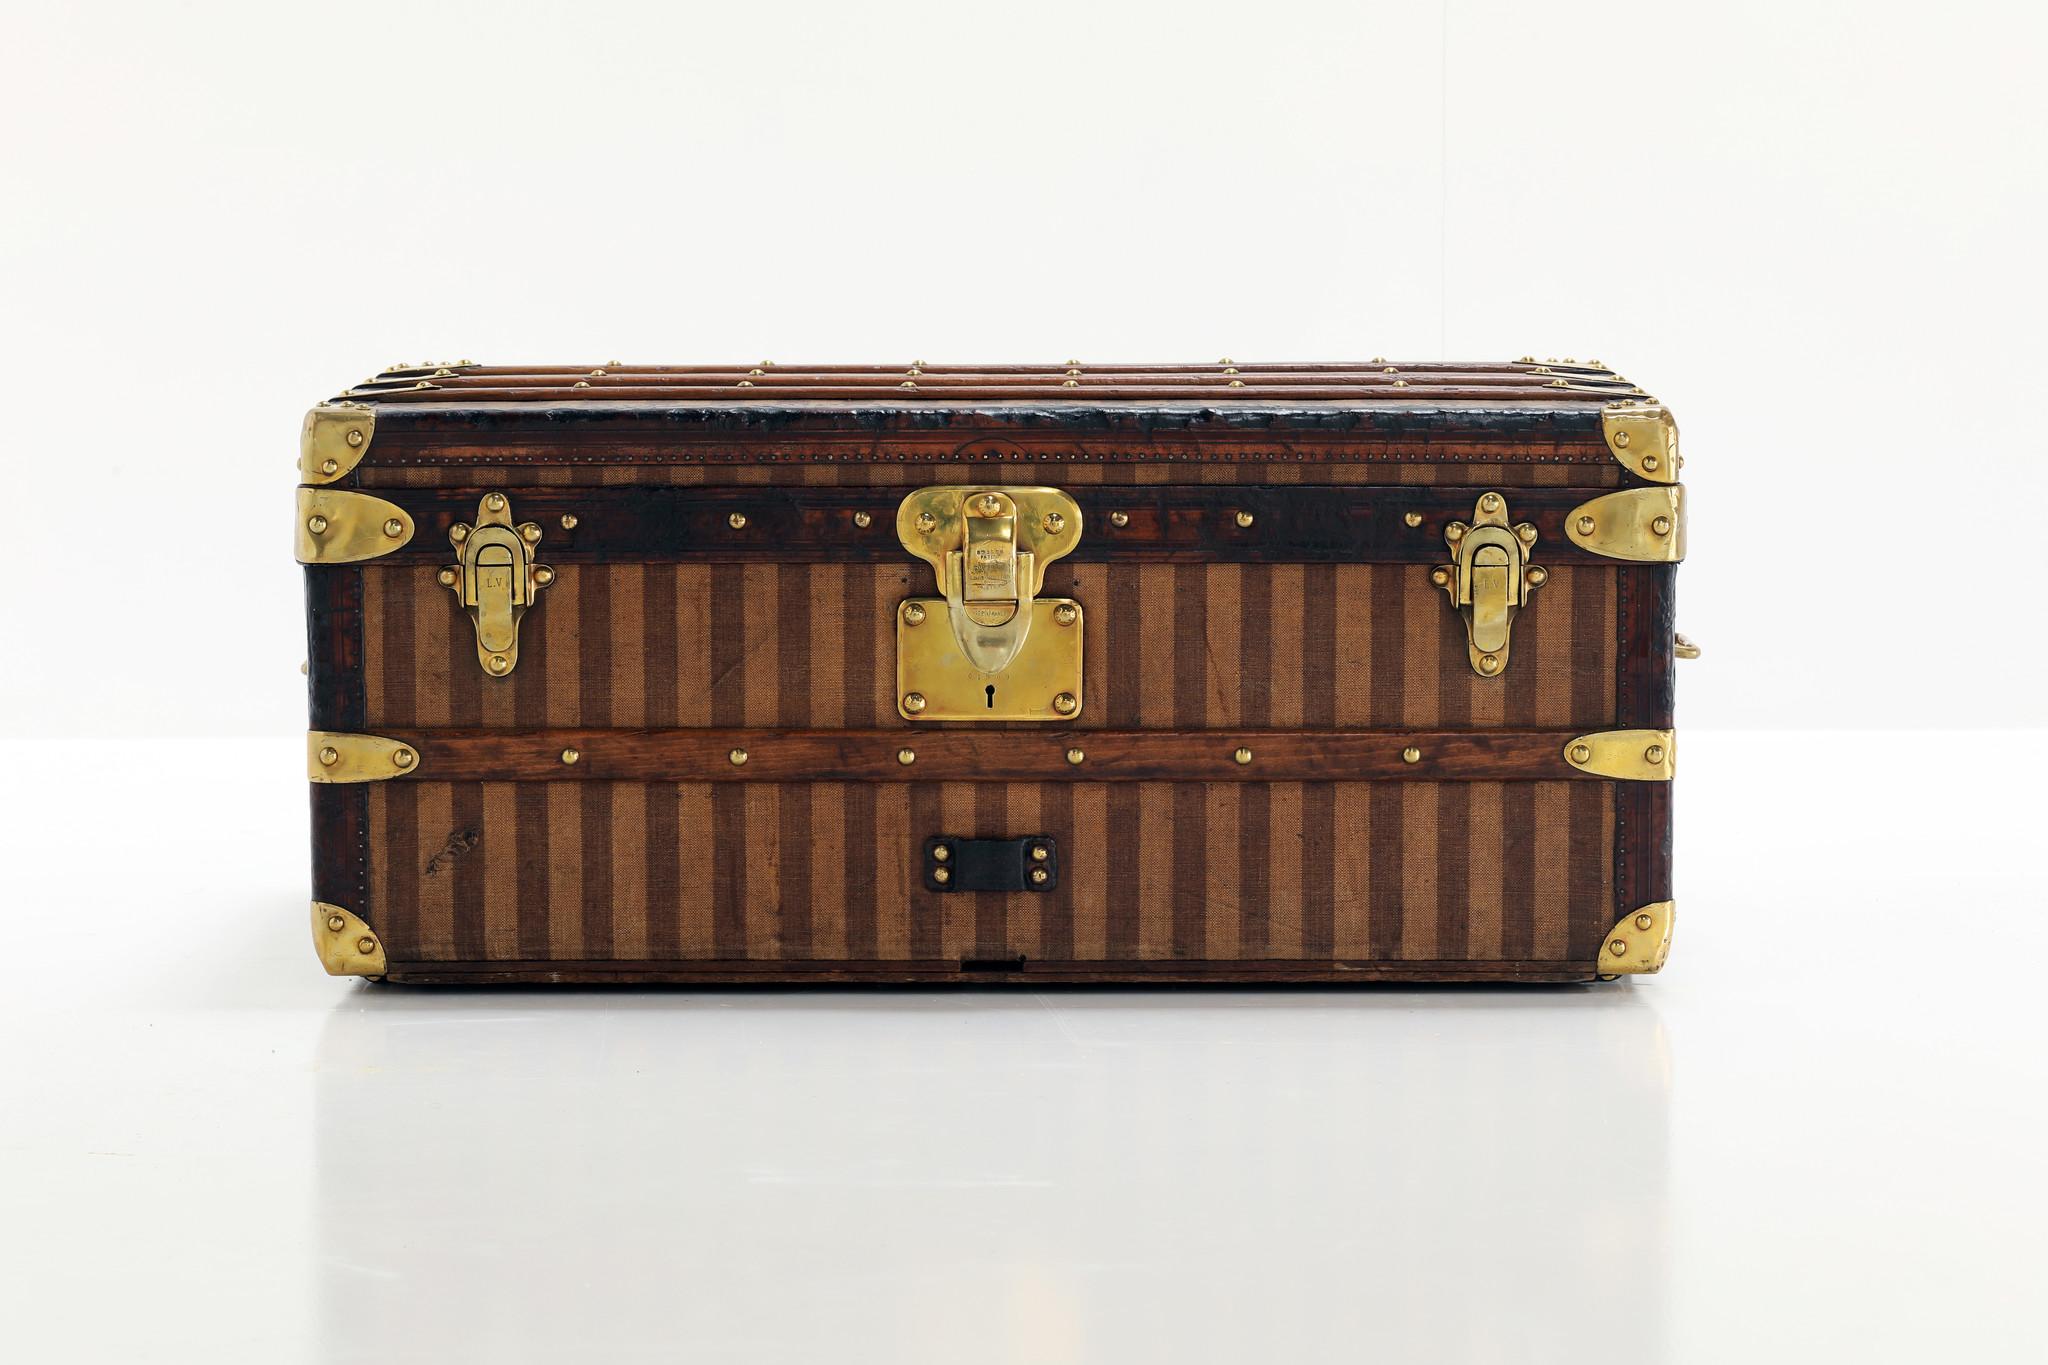 Antique Louis Vuitton trunk